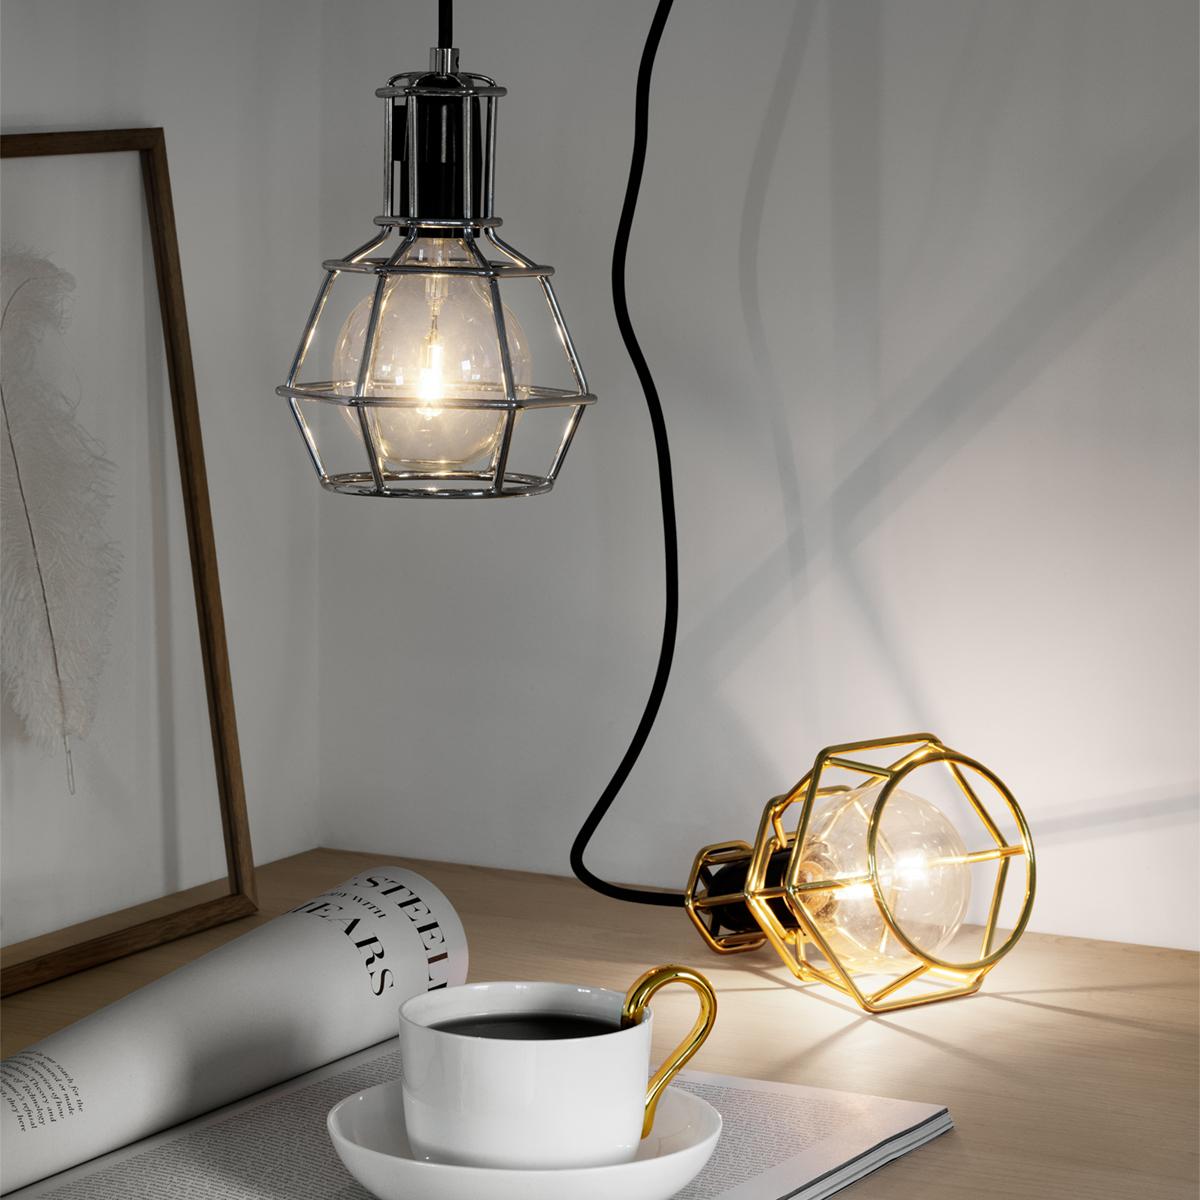 天井から吊り下げたり床に置いても使えるお洒落なランプ|DESIGN STOCKHOLM(Work Lamp)